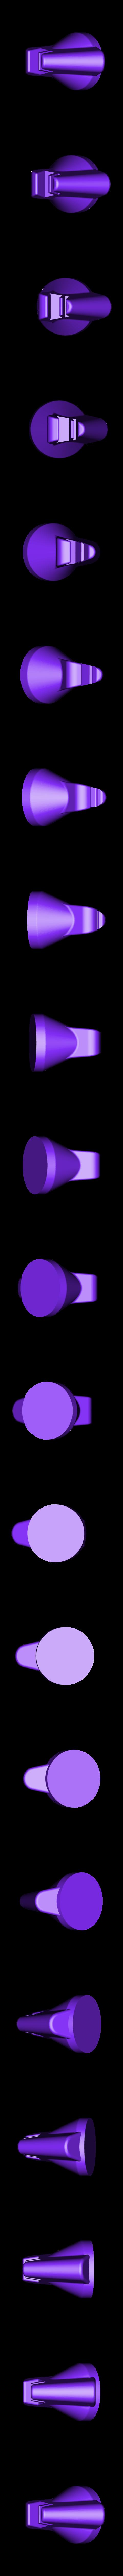 A000_211_support_lunette_2.stl Download STL file Porte-lunette • 3D printer object, JJB